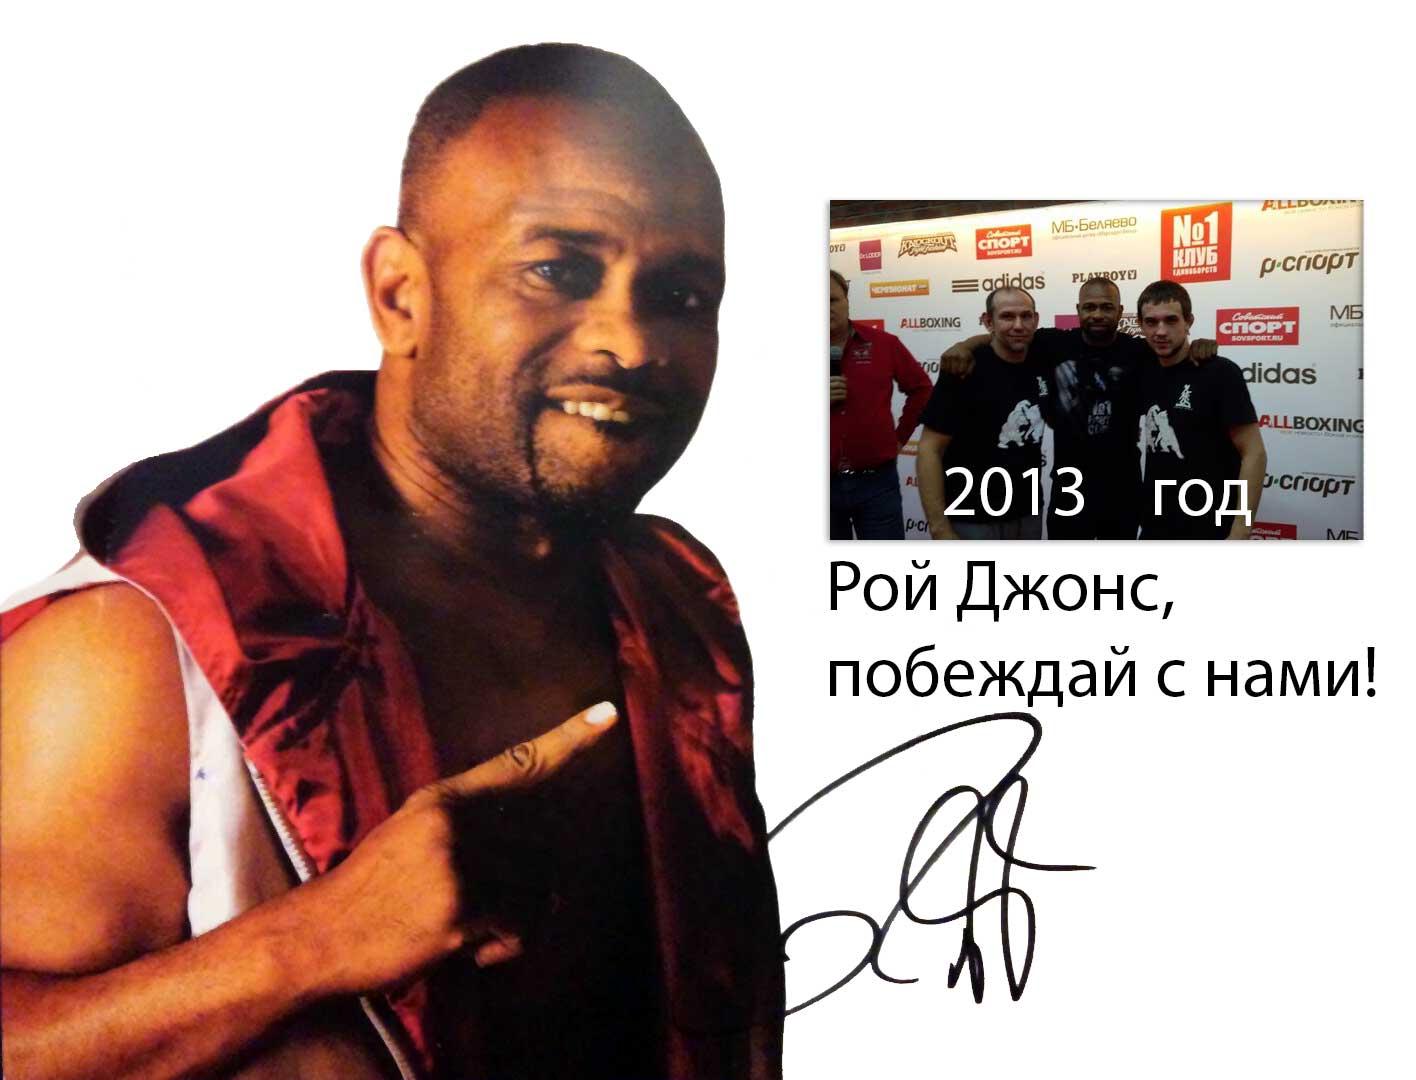 Рой джонс Константин Промысловский